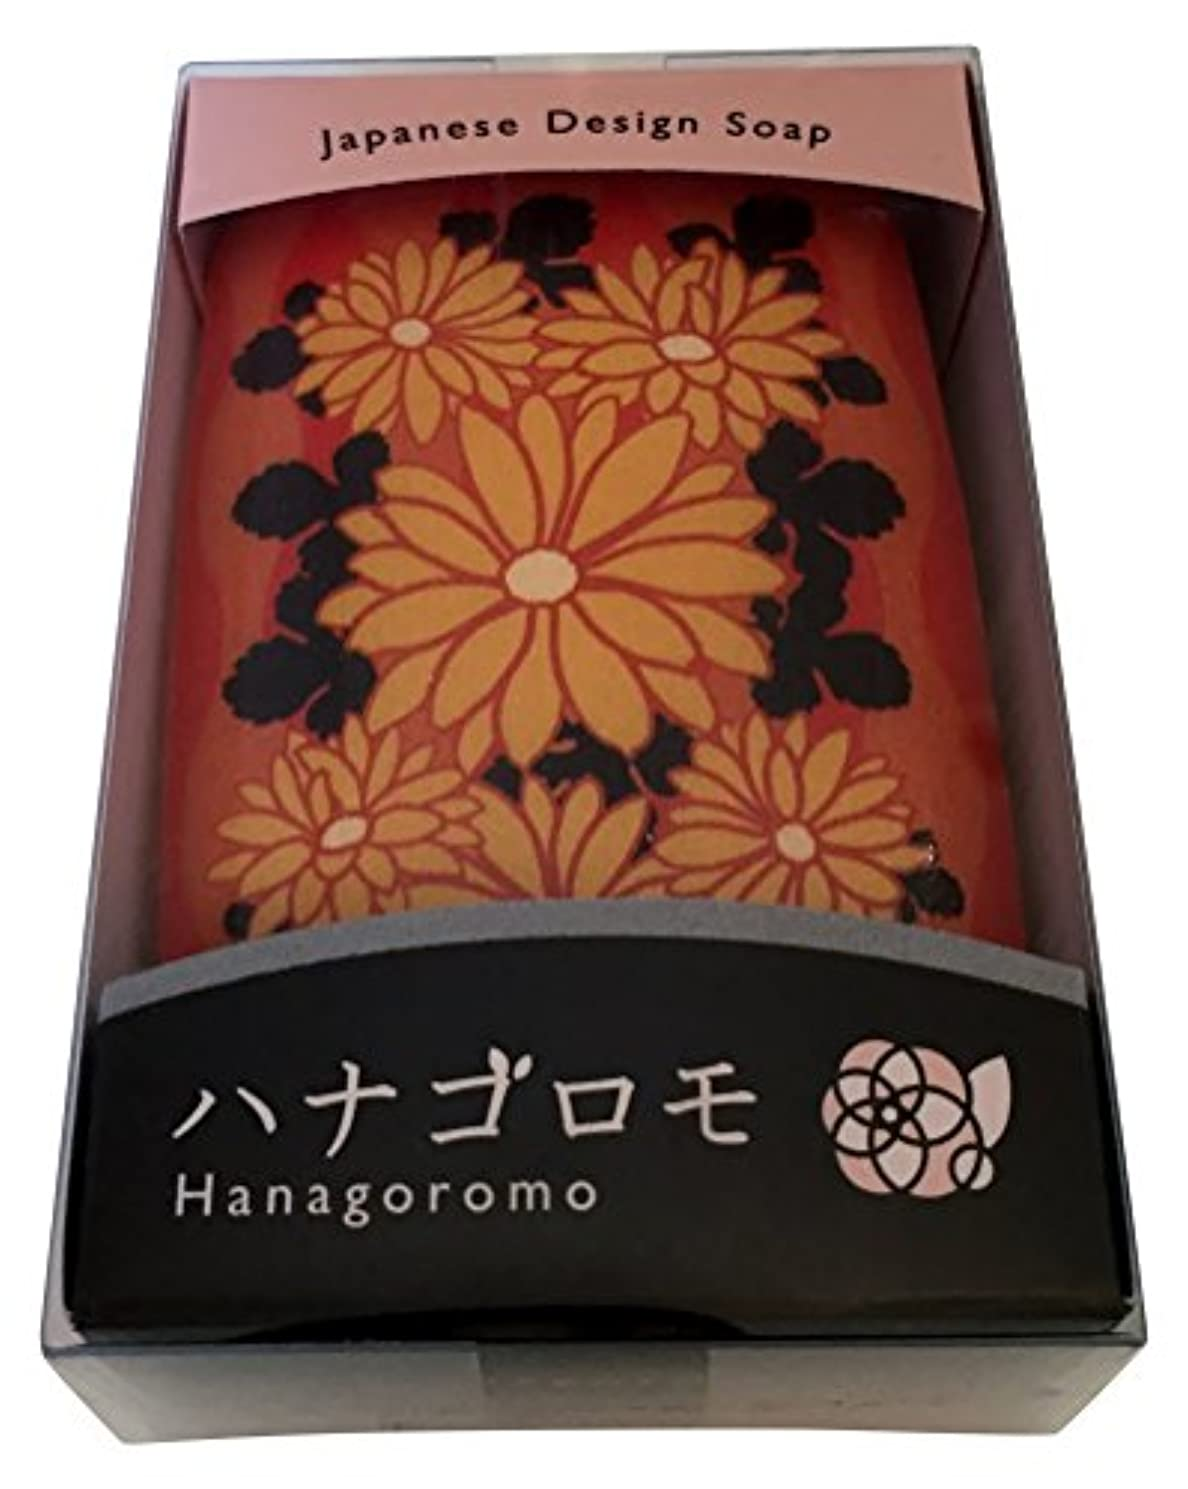 果てしない受信一握りアートソープ ハナゴロモ菊